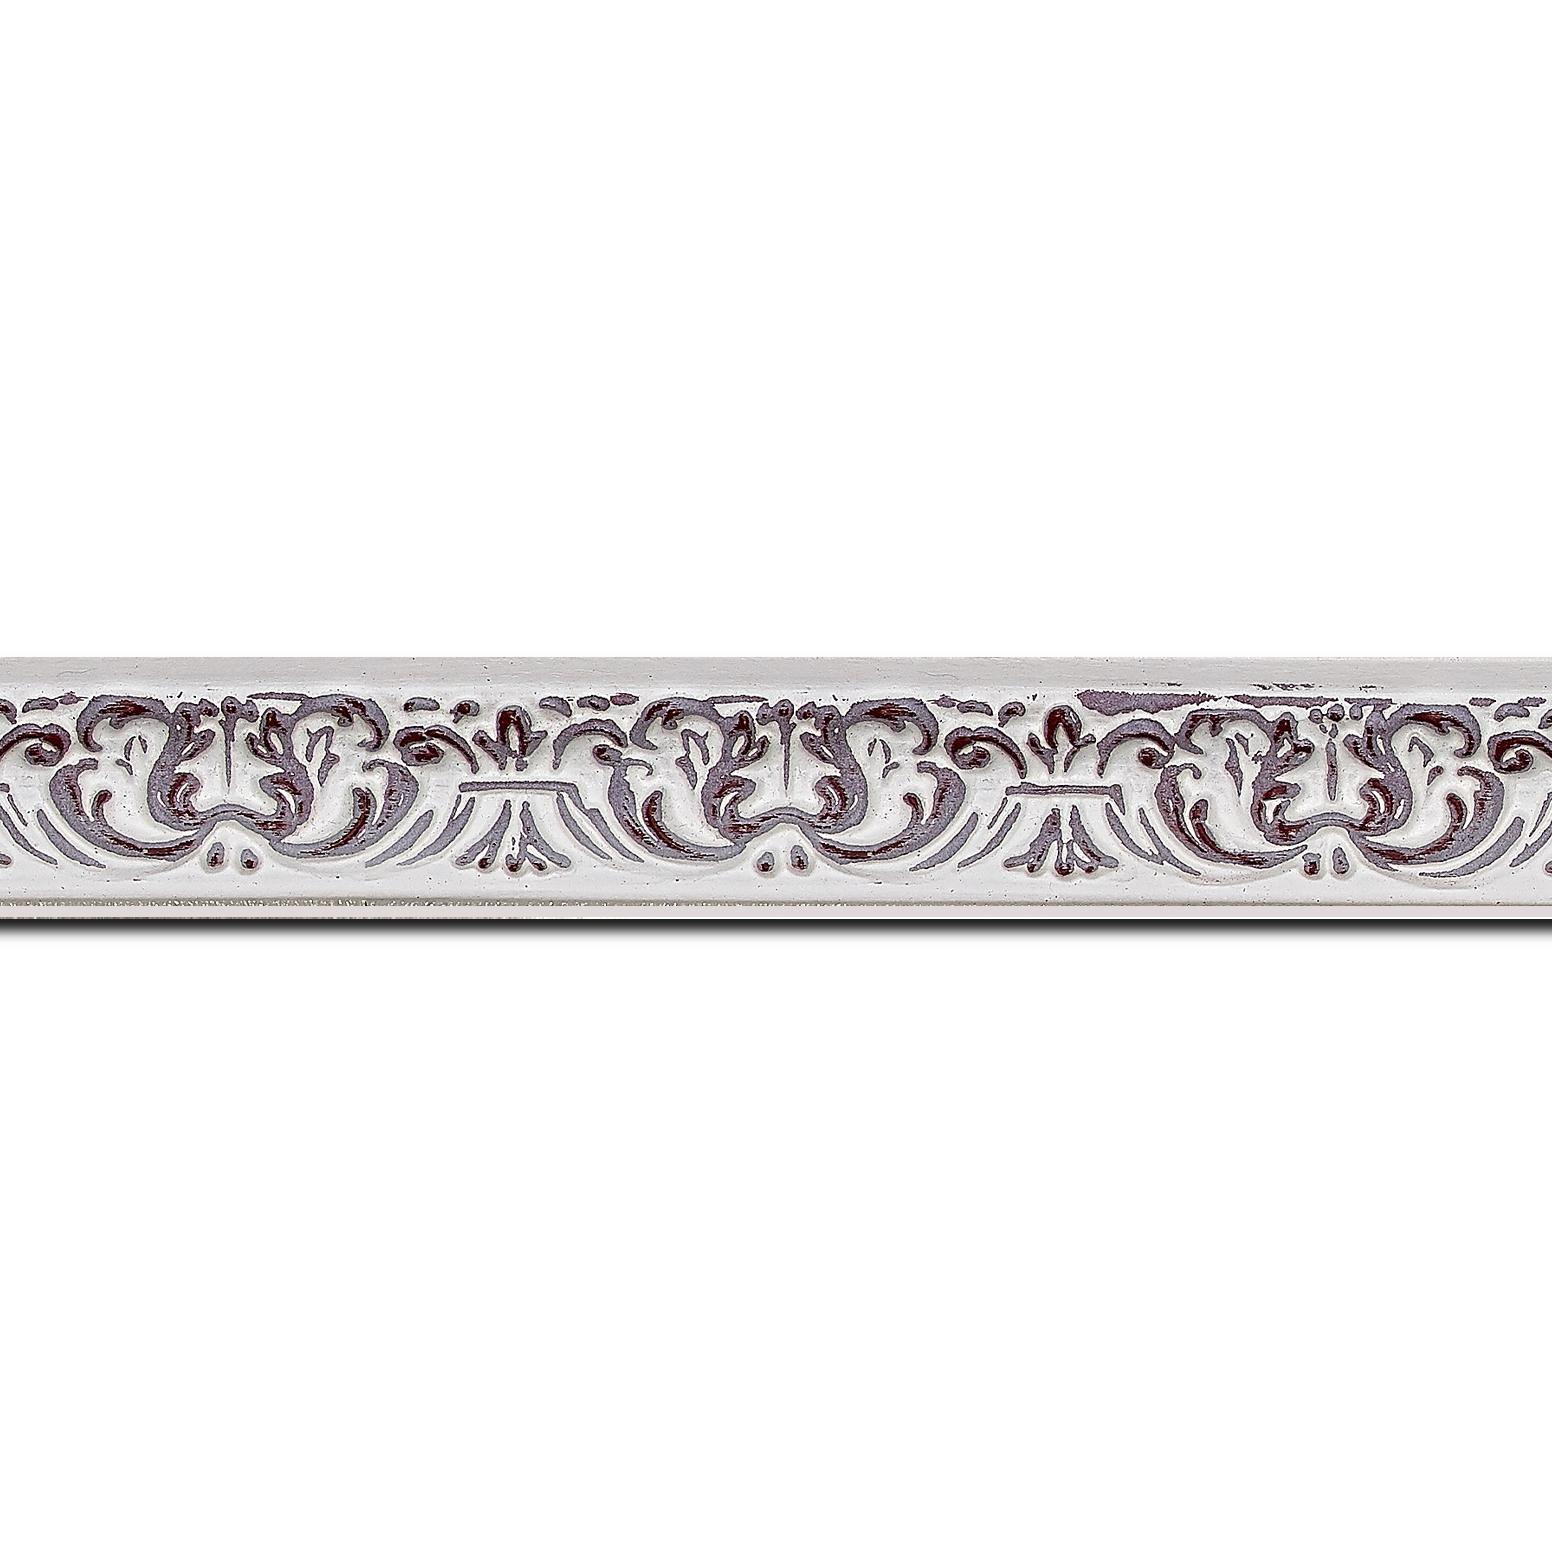 Baguette longueur 1.40m bois profil incurvé largeur 2.6cm couleur rouge cerise en relief sur fond blanchie